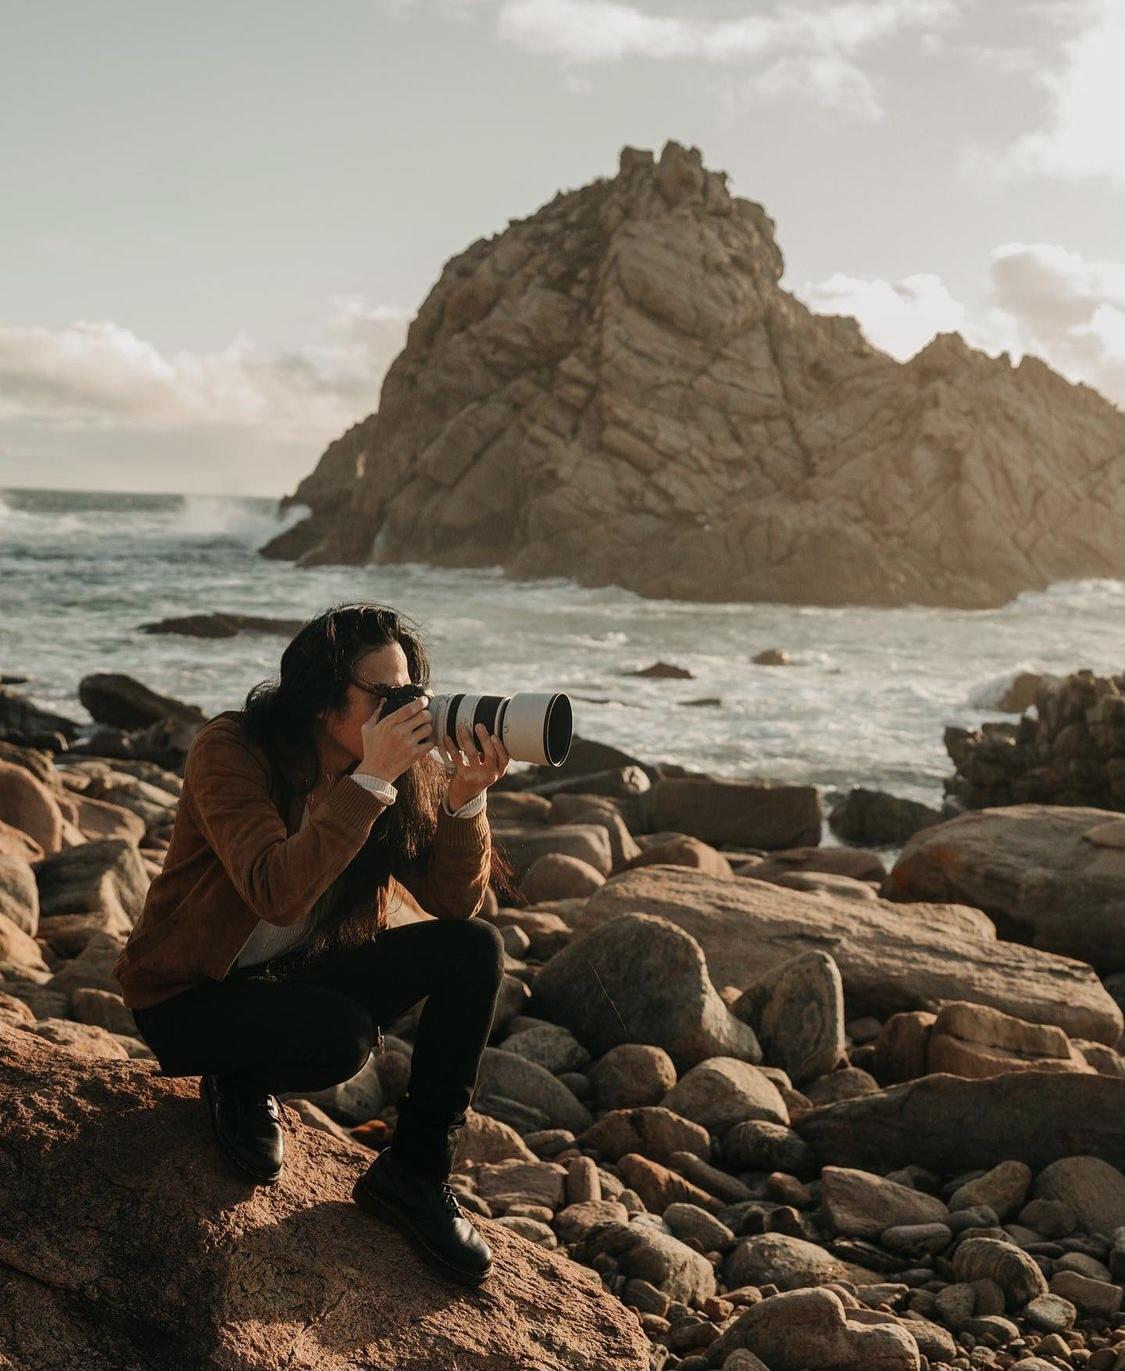 Man holding a camera Jarrad Seng